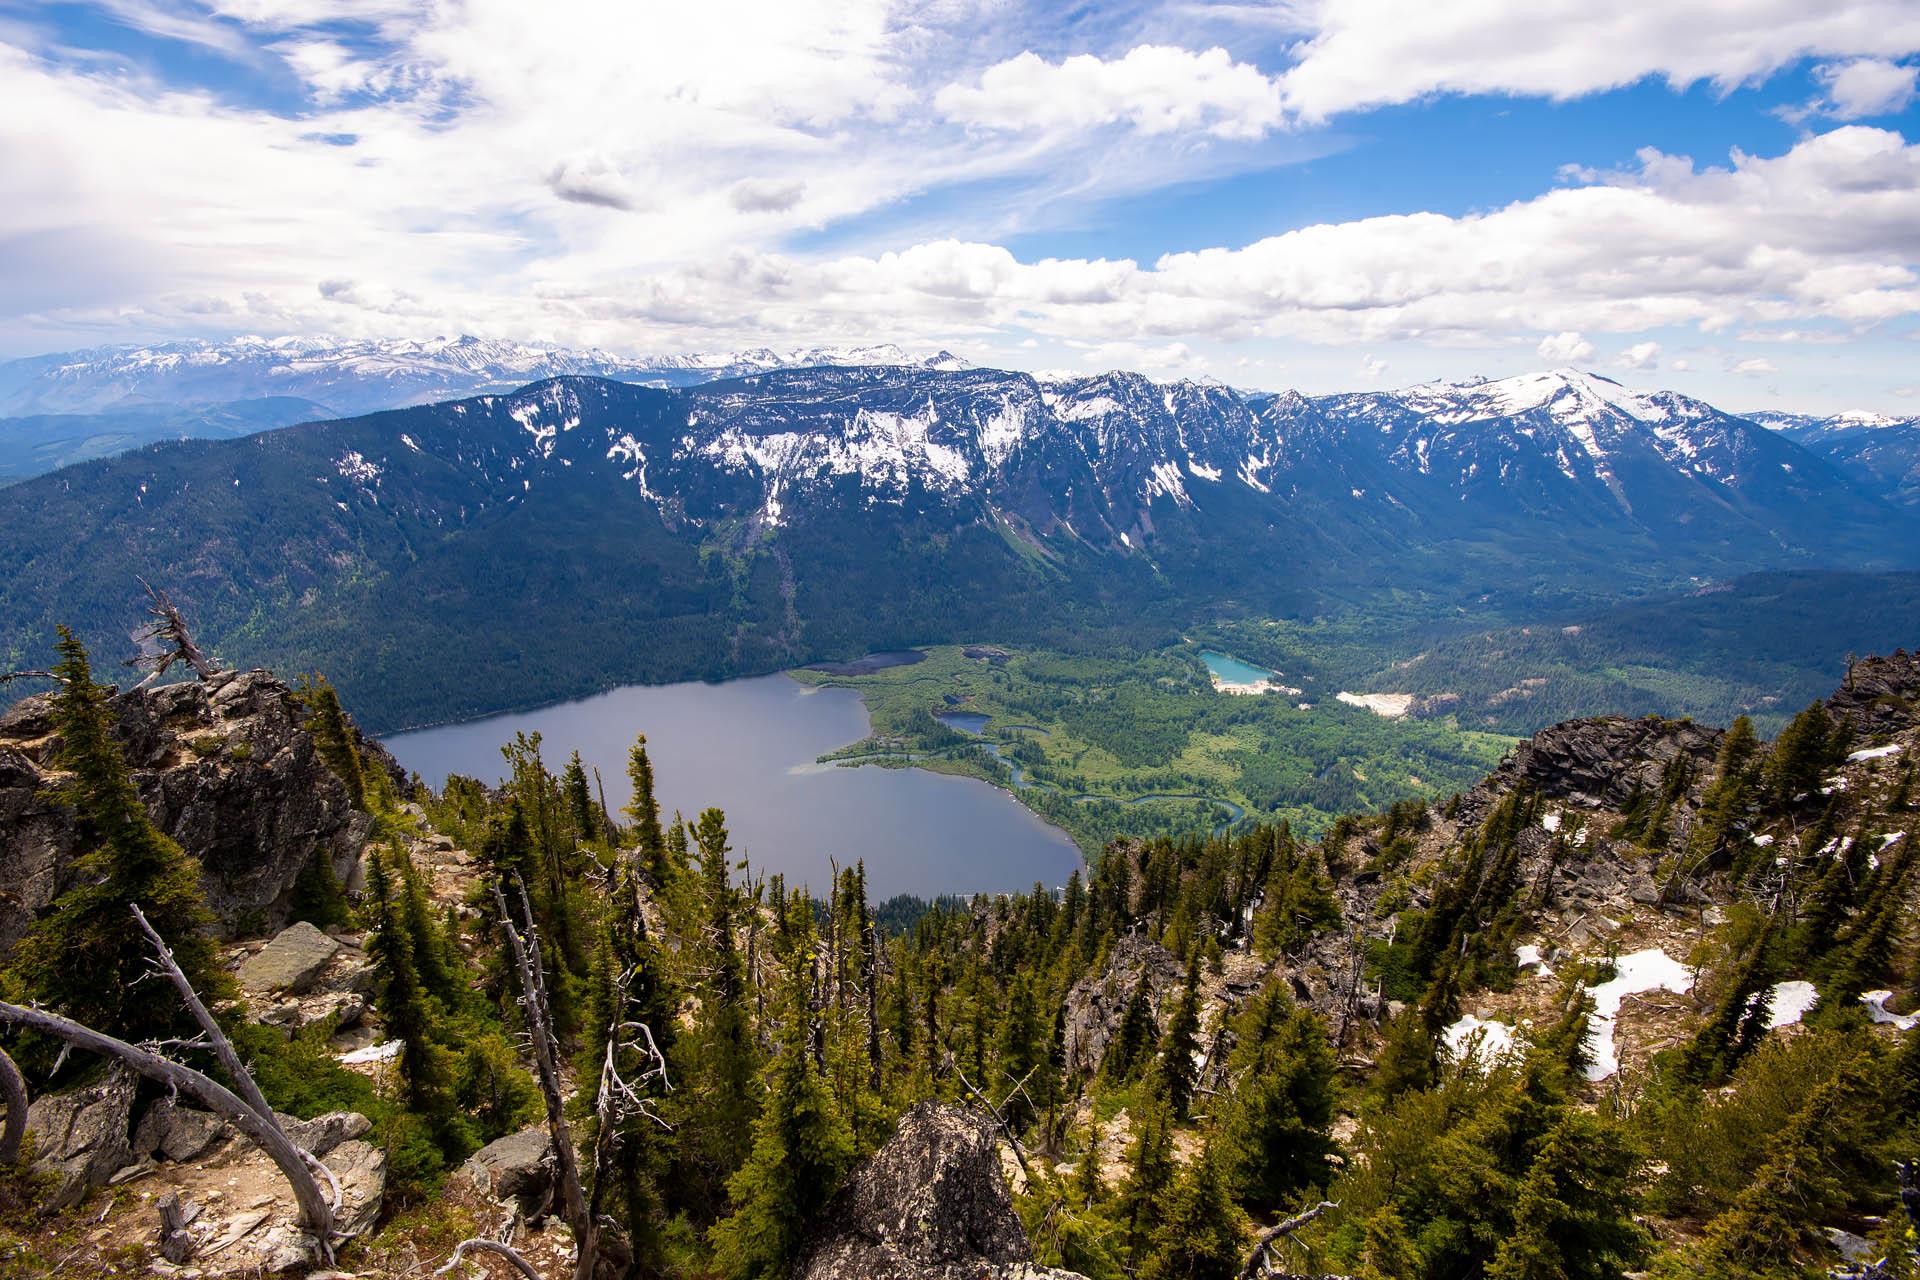 Lake Wenatchee, Nason Ridge